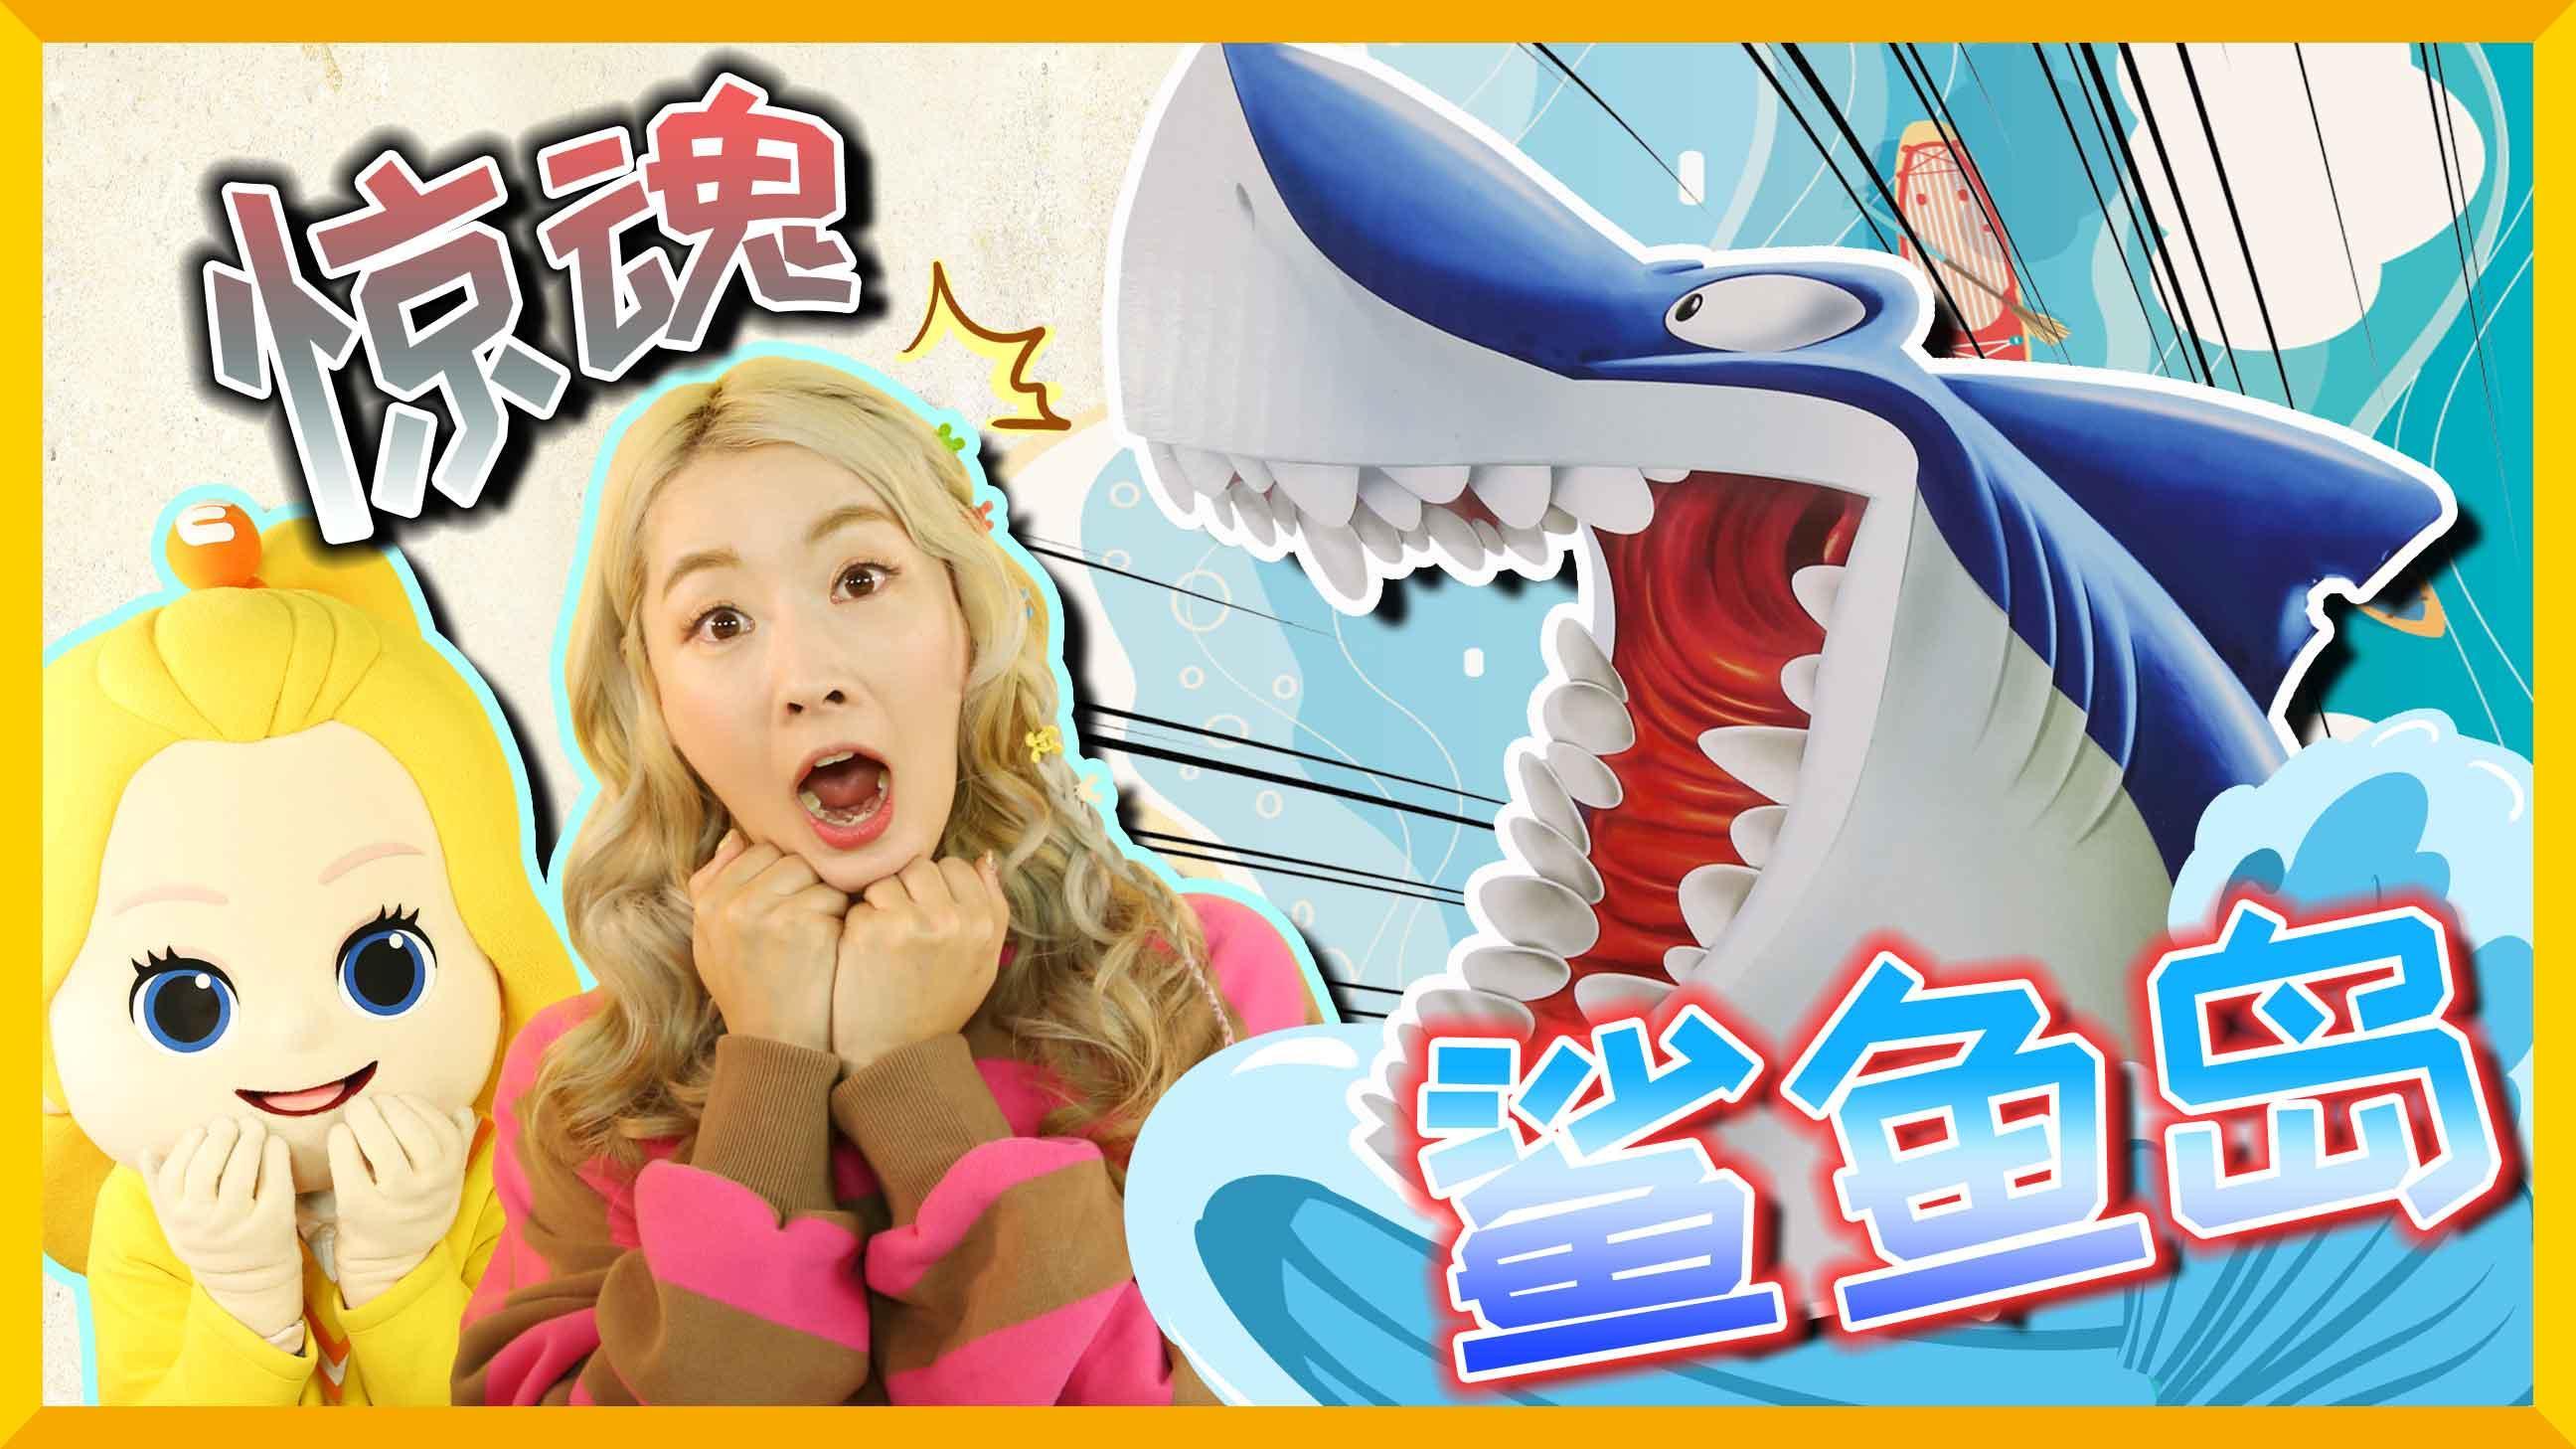 鲨鱼岛寻宝藏!谁才是得到宝藏的幸运之人呢?| 爱丽和故事 EllieAndStory